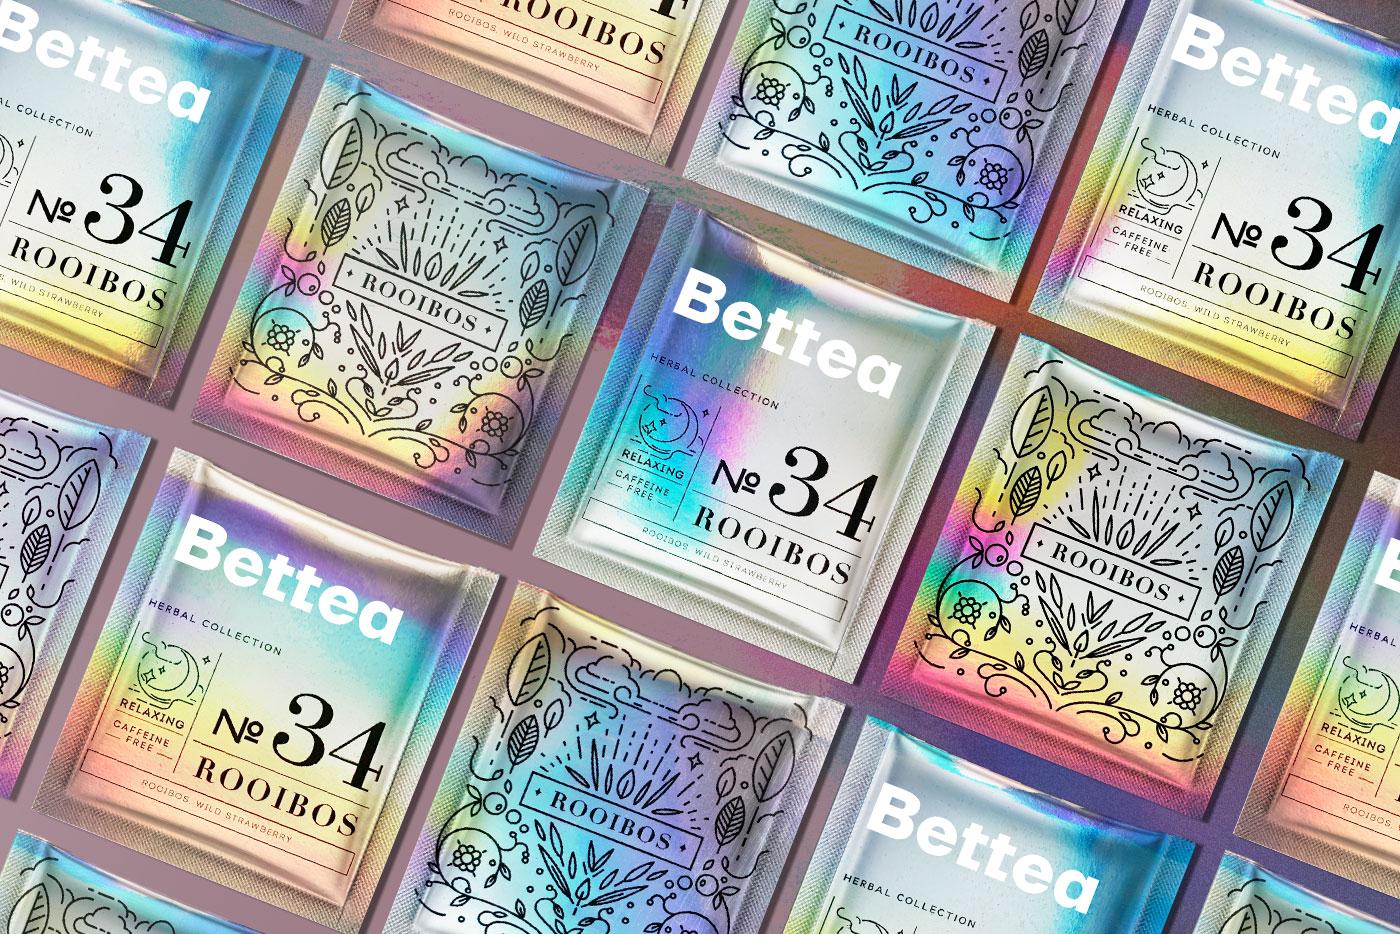 奢华茶叶包装_UV印刷